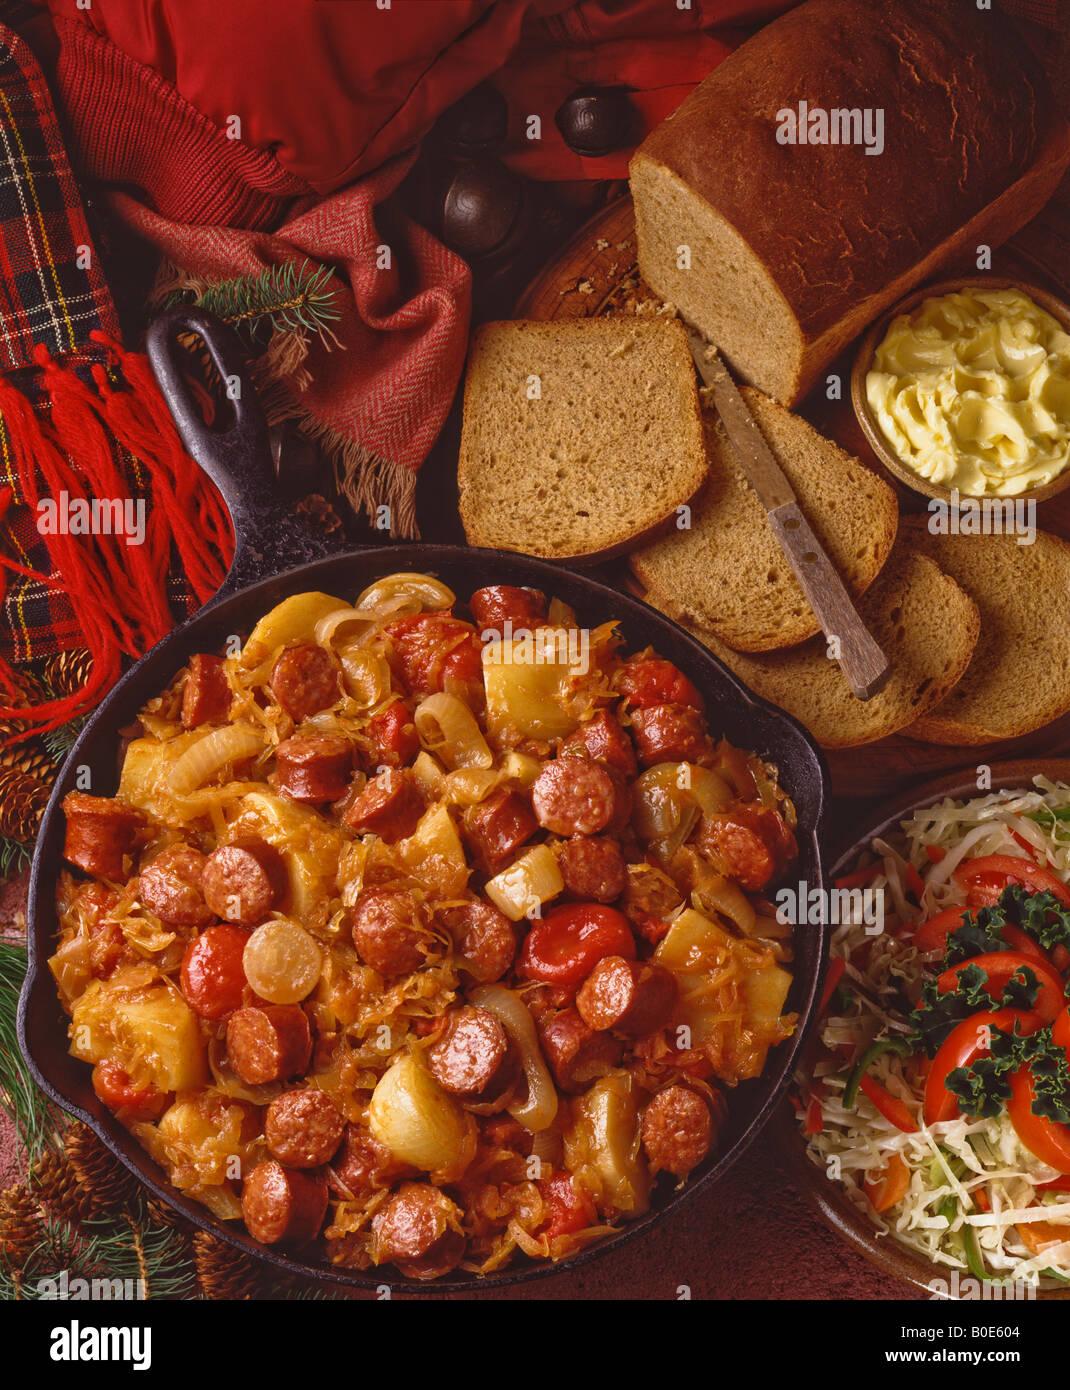 Erfreut Dons Landküche Bilder - Ideen Für Die Küche Dekoration ...